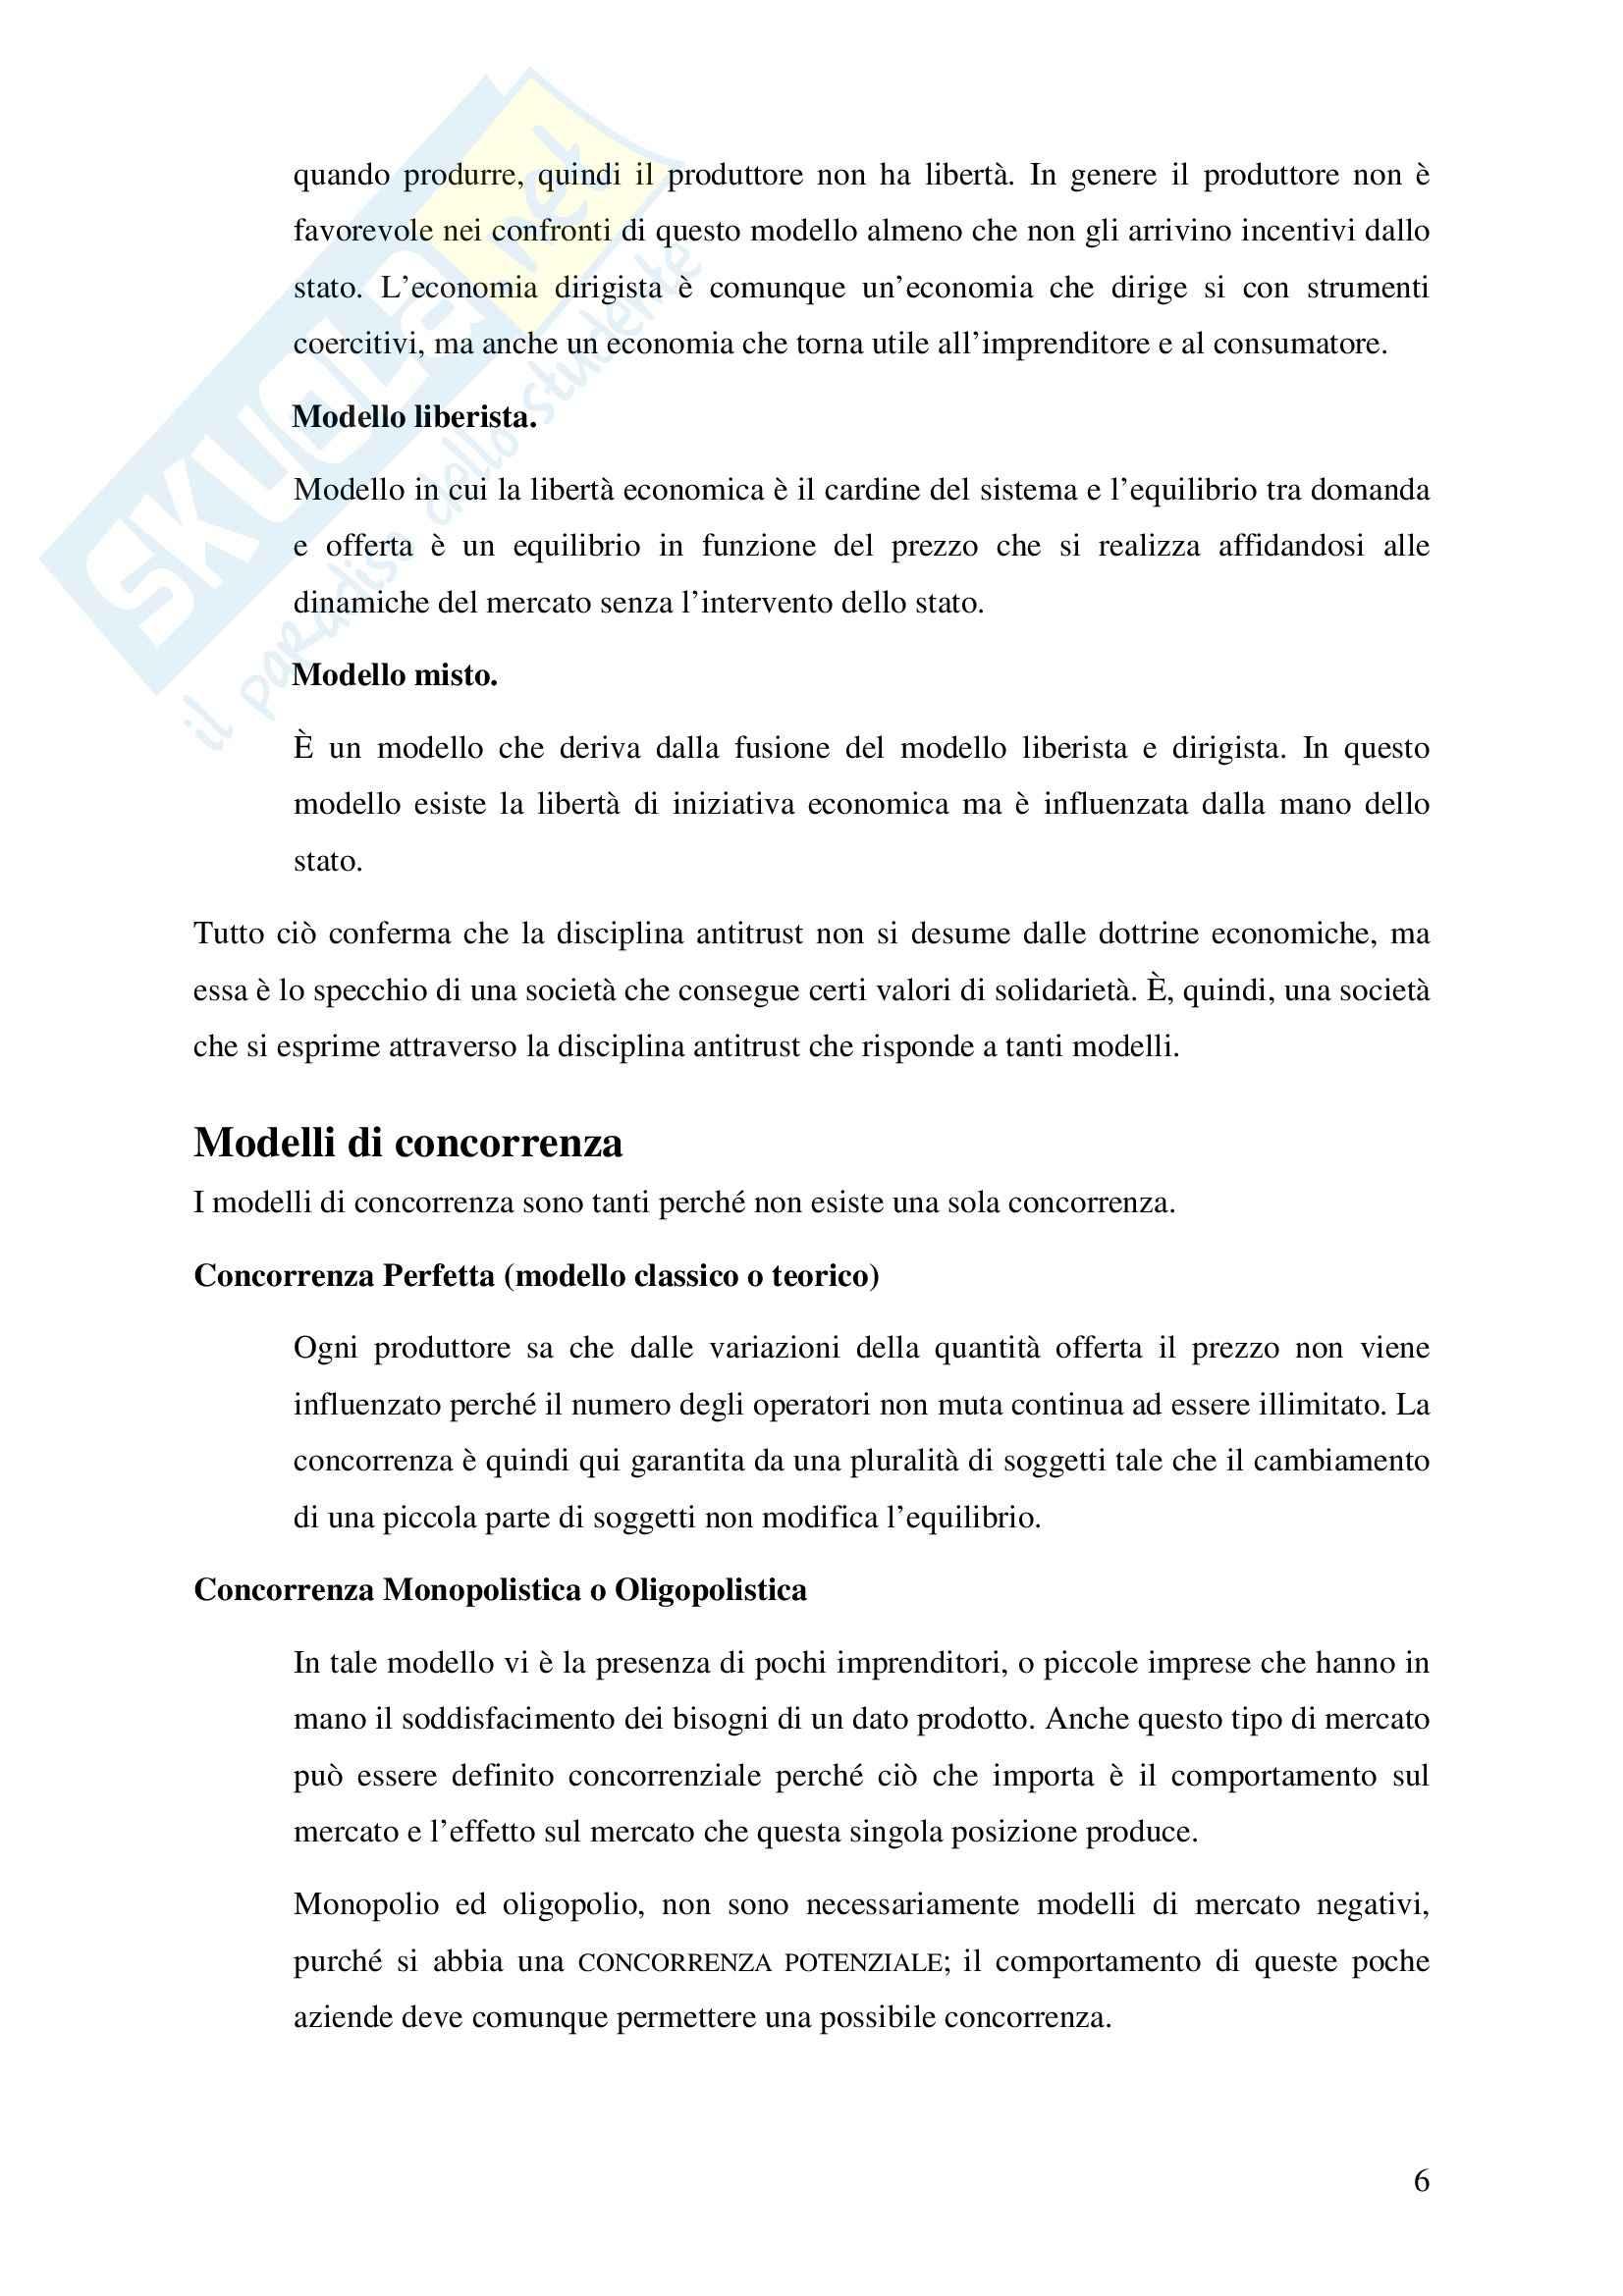 Riassunto esame Diritto della proprietà industriale e della concorrenza - prof. Cavani Pag. 6